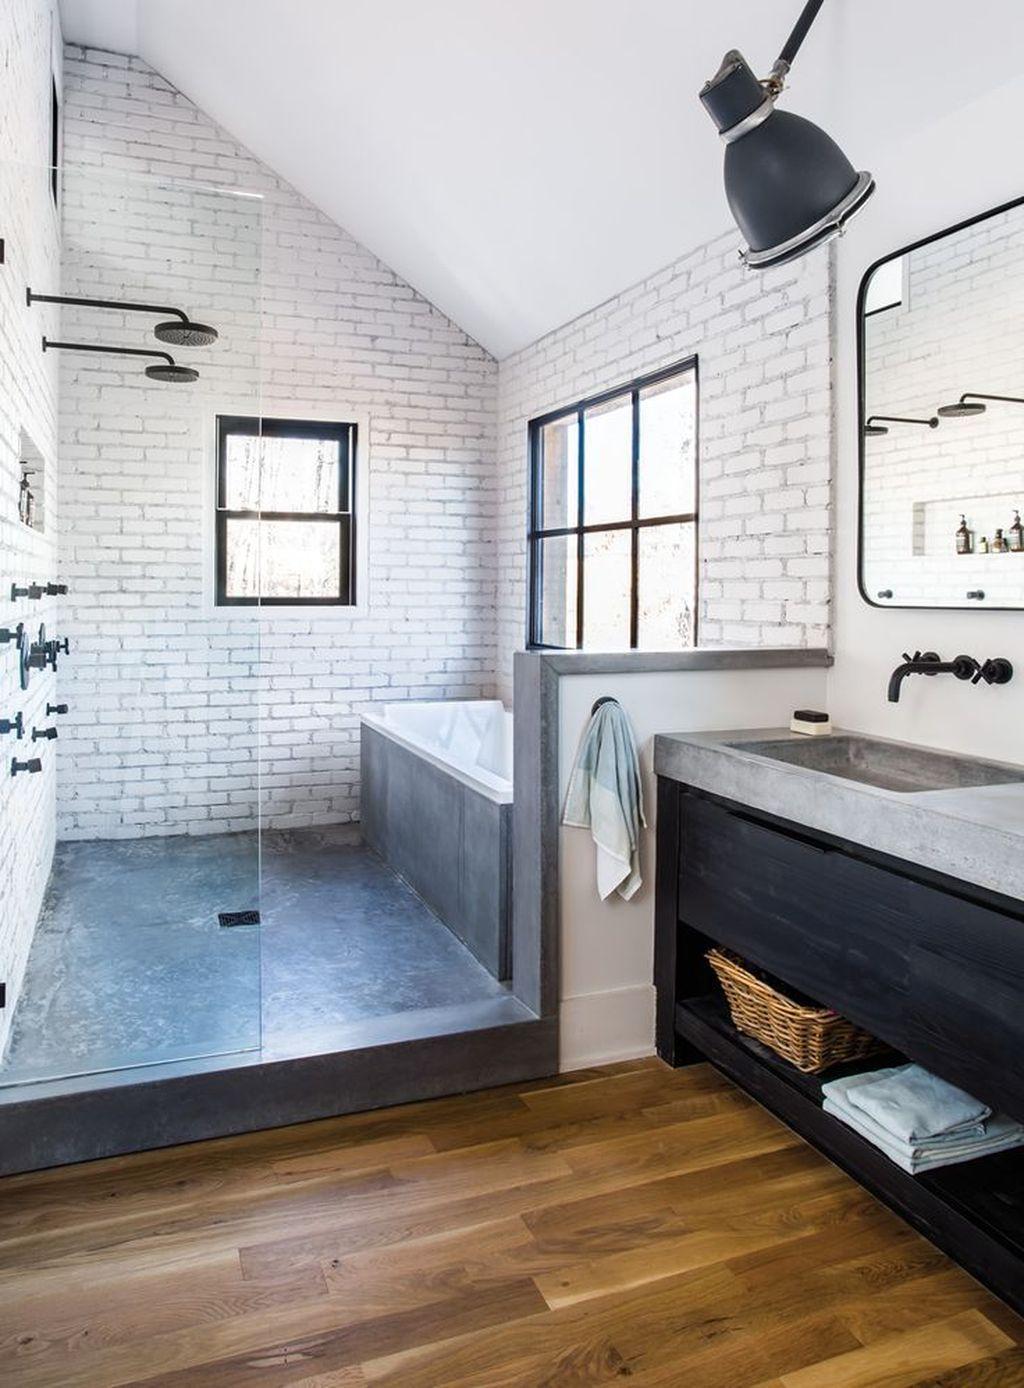 50+ Rustic Farmhouse Bathroom Ideas Shower   Modern ... on Rustic Farmhouse Bathroom Tile  id=67095